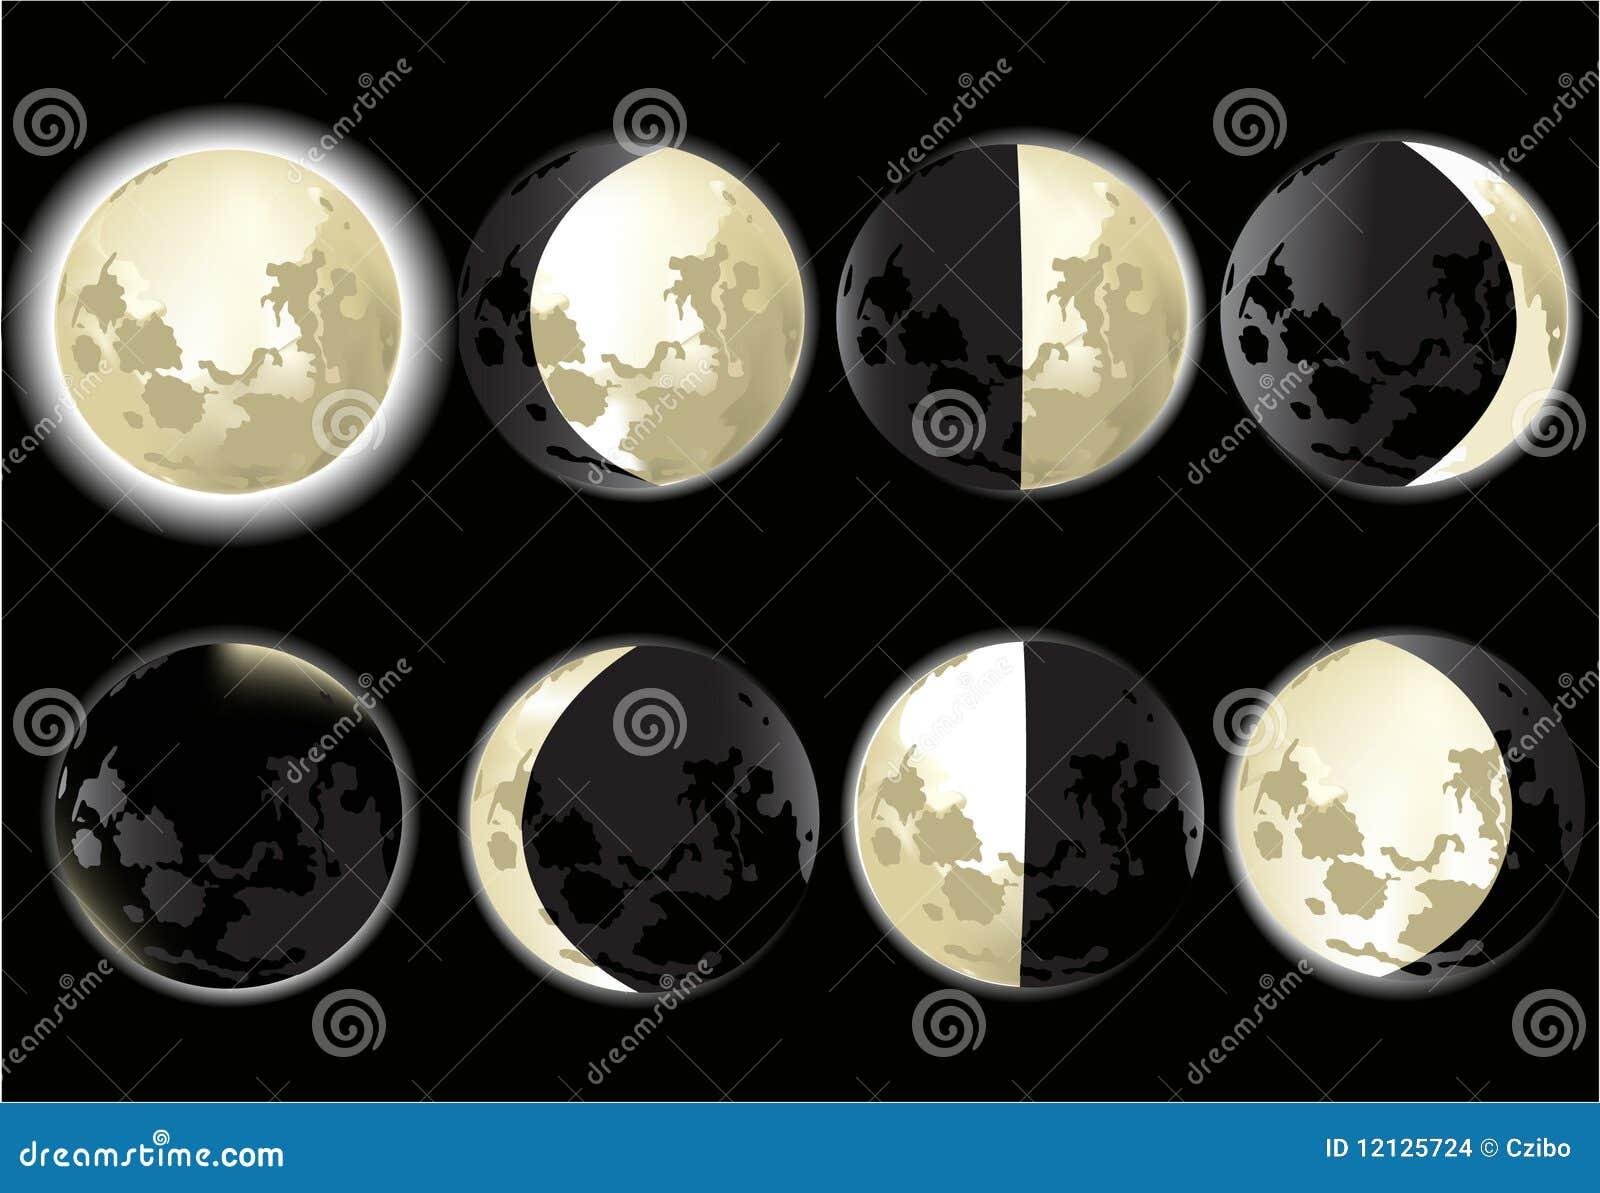 Fases De La Luna Imagenes de archivo - Imagen: 12125724